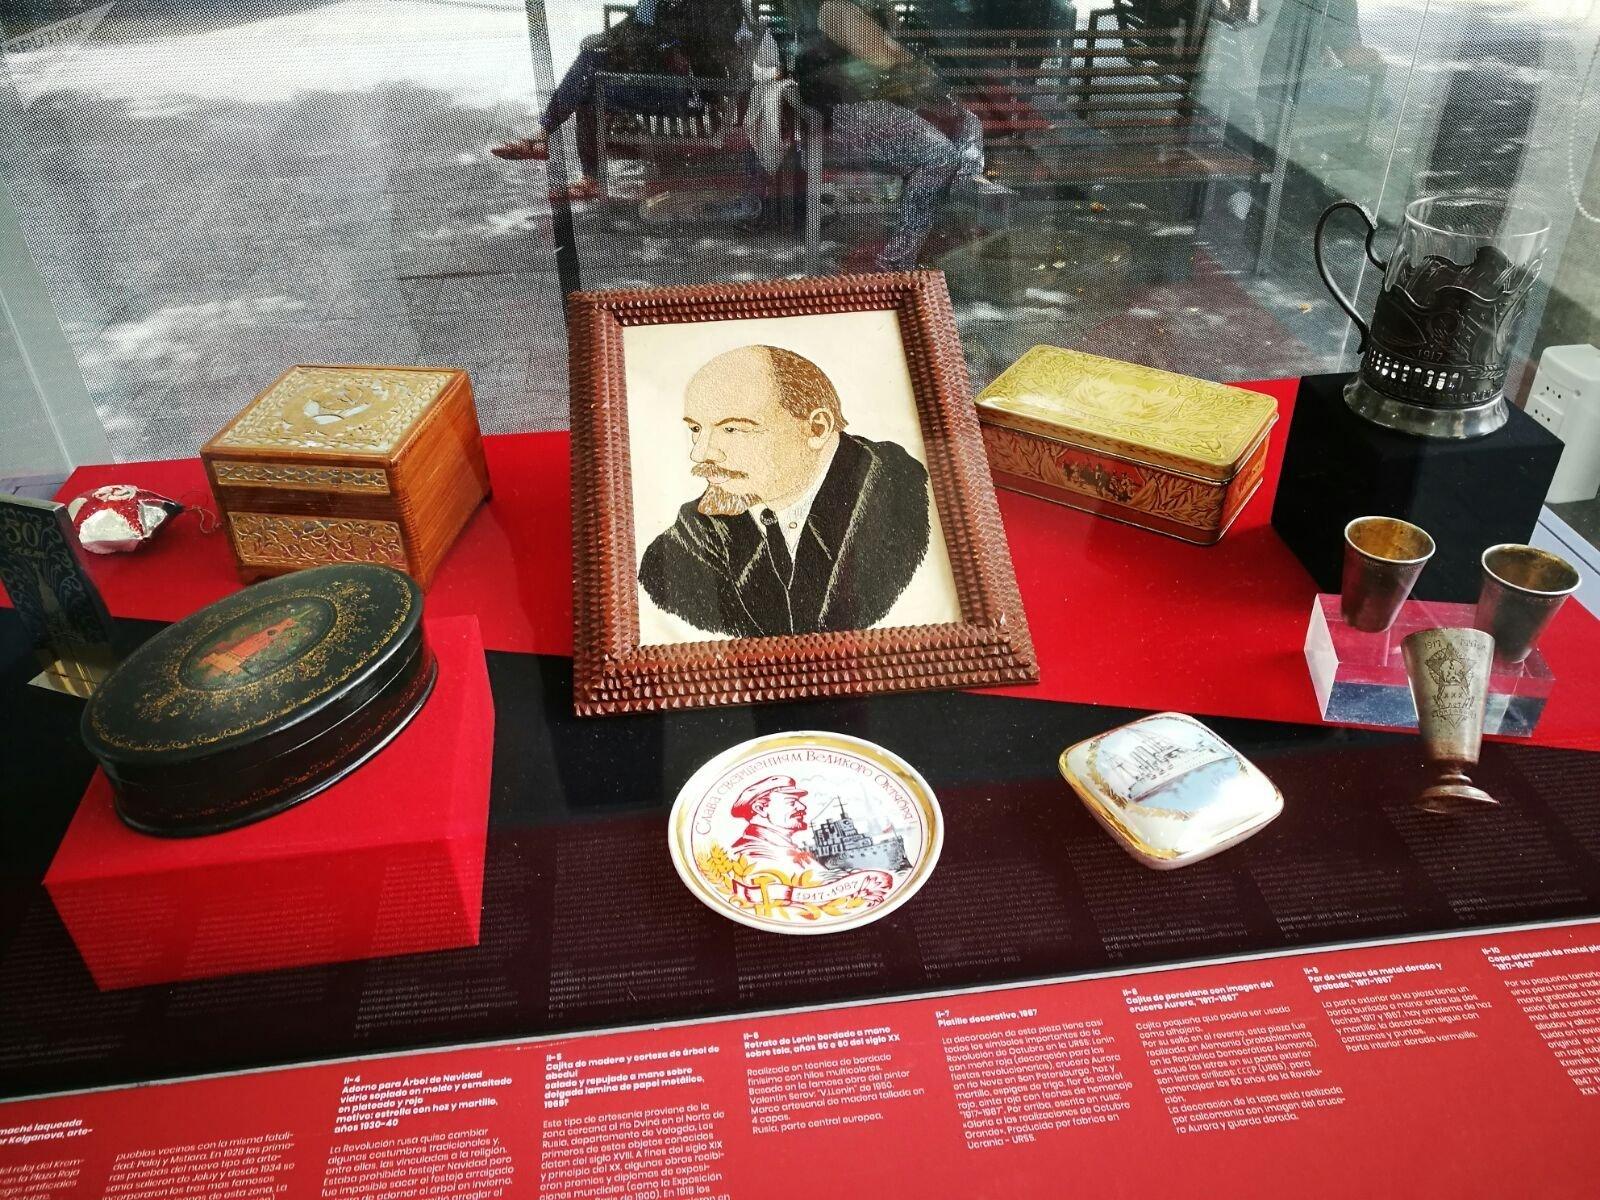 Artesanías de la época soviética en la muestra '100 años de Octubre Rojo', en Montevideo, Uruguay, con un retrato de Lenin bordado en destaque.